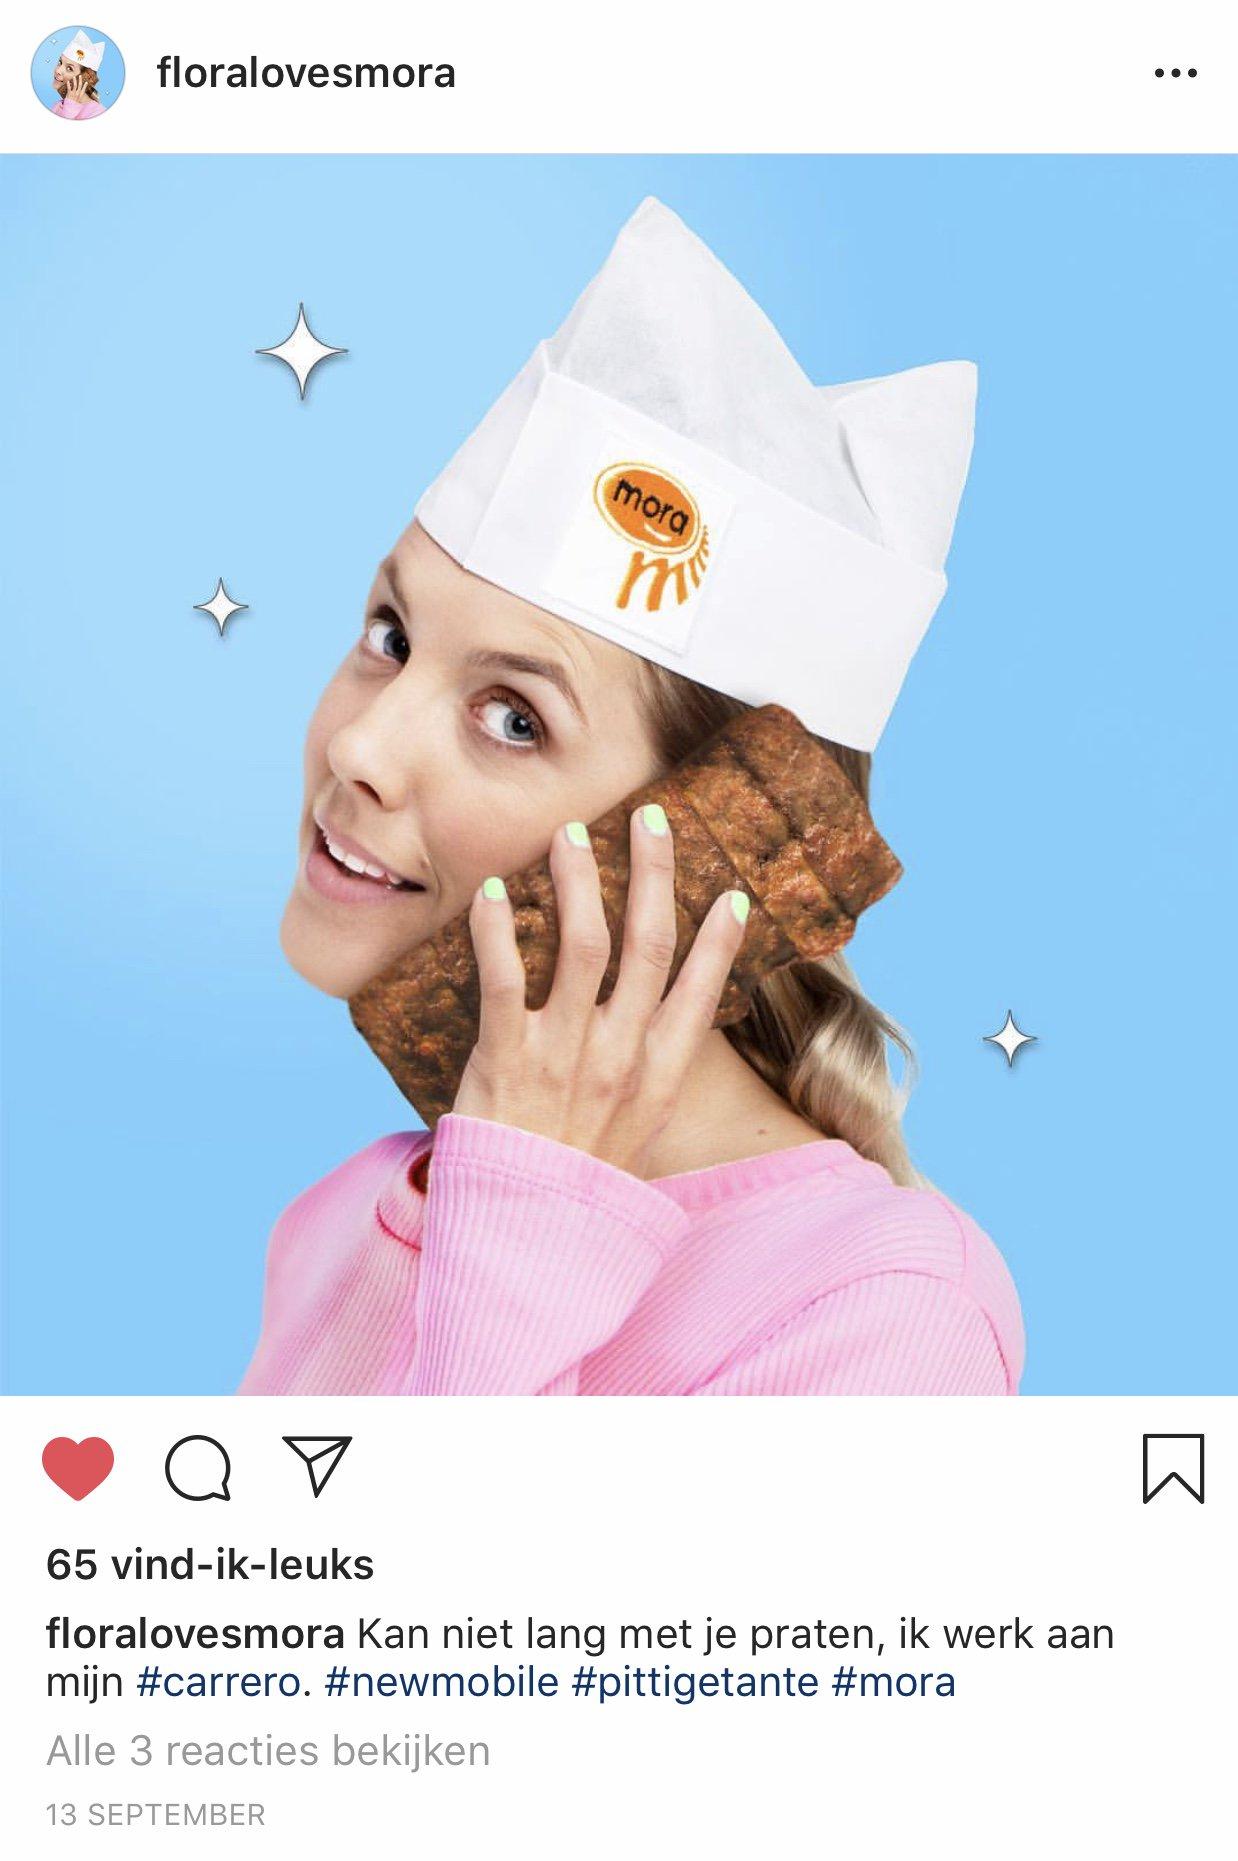 Mora maakt Instagrampagina met een knipoog naar fitgirls https://t.co/CadxvVyDAY https://t.co/OBNnurmfJ5